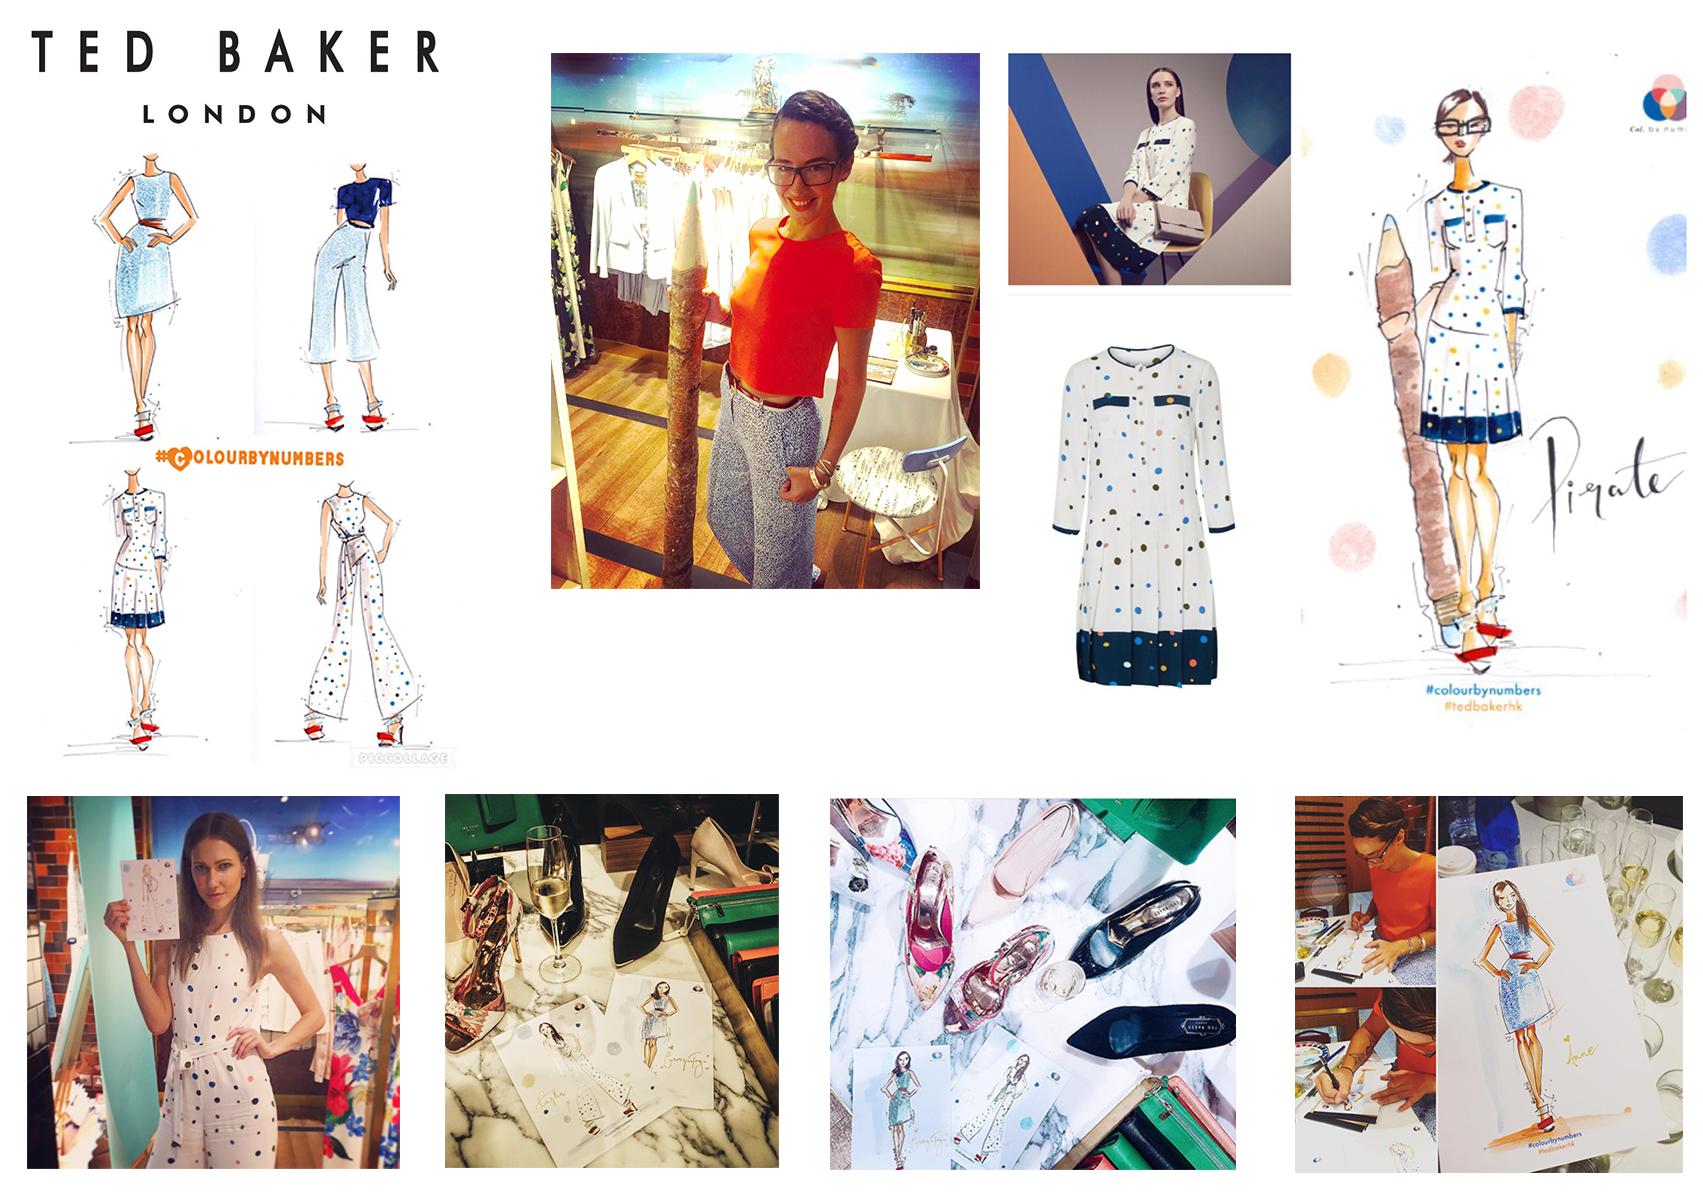 Ted Baker Live fashion illustration